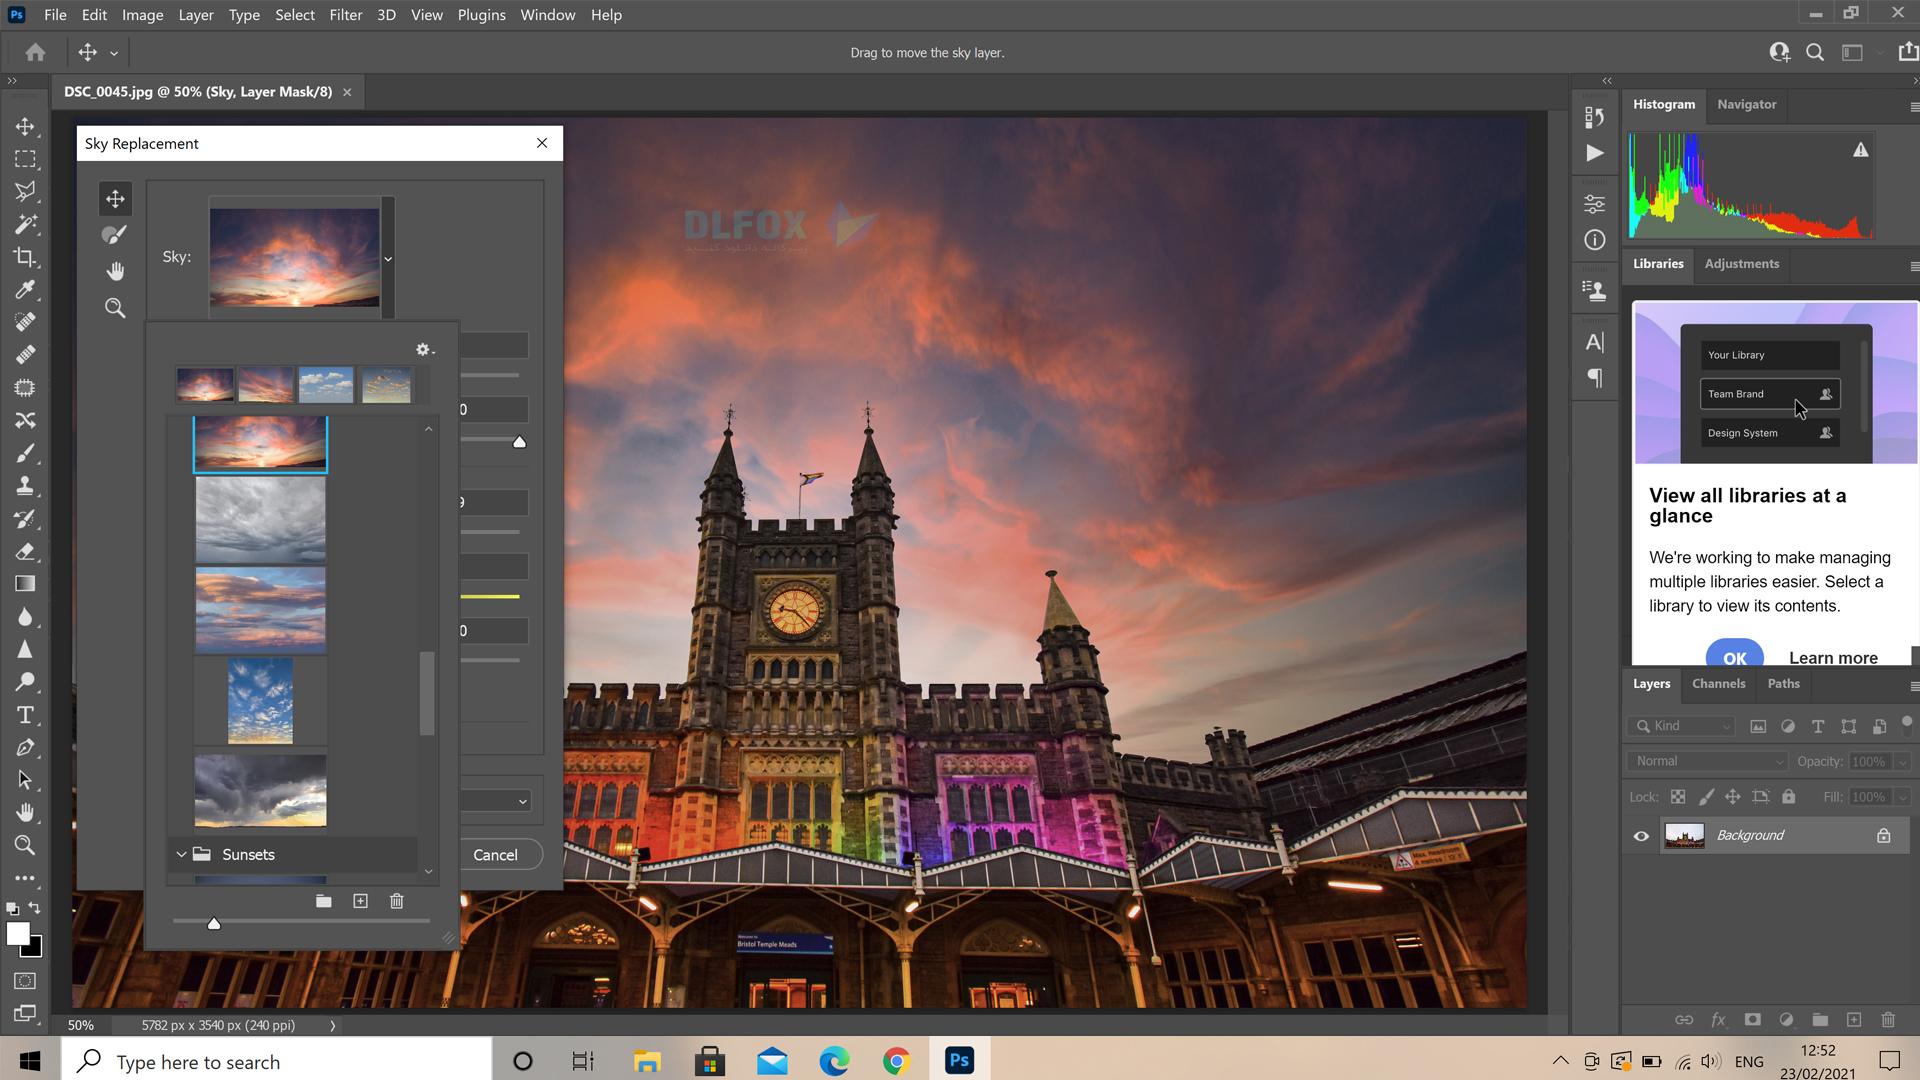 دانلود نسخه نهایی نرم افزار Adobe Photoshop برای PC